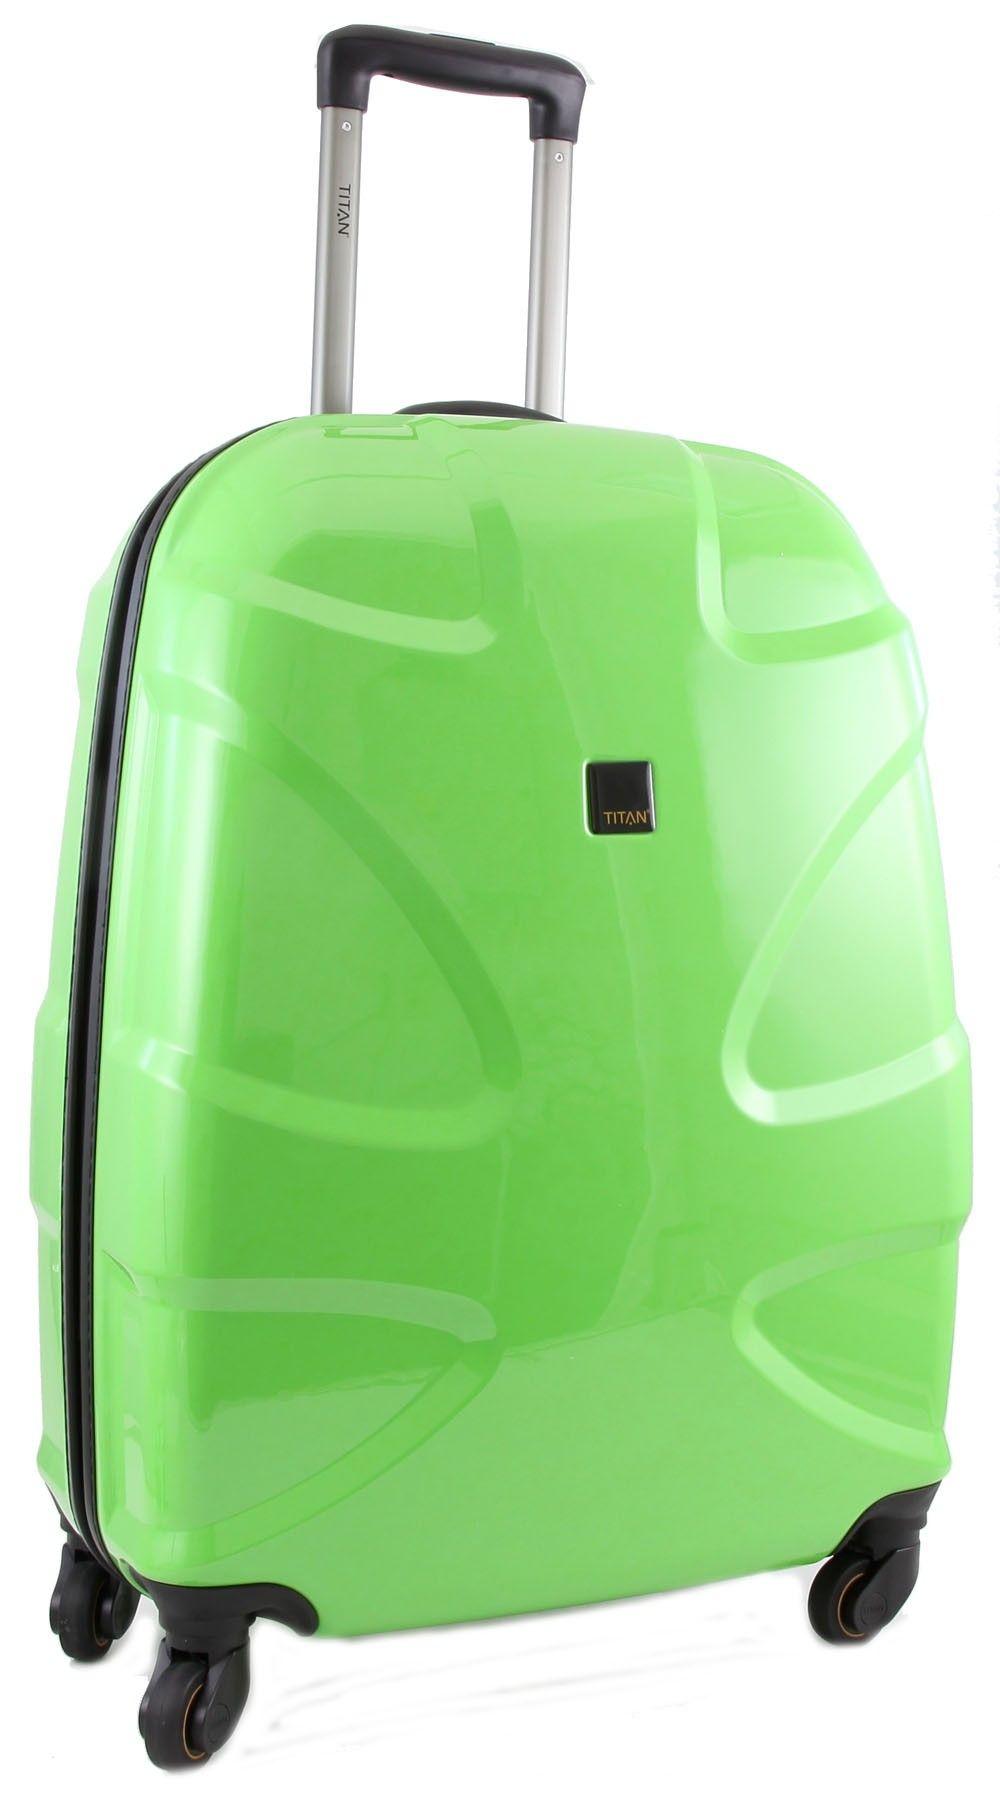 koffer von titan x2 flash m gr n taschen. Black Bedroom Furniture Sets. Home Design Ideas